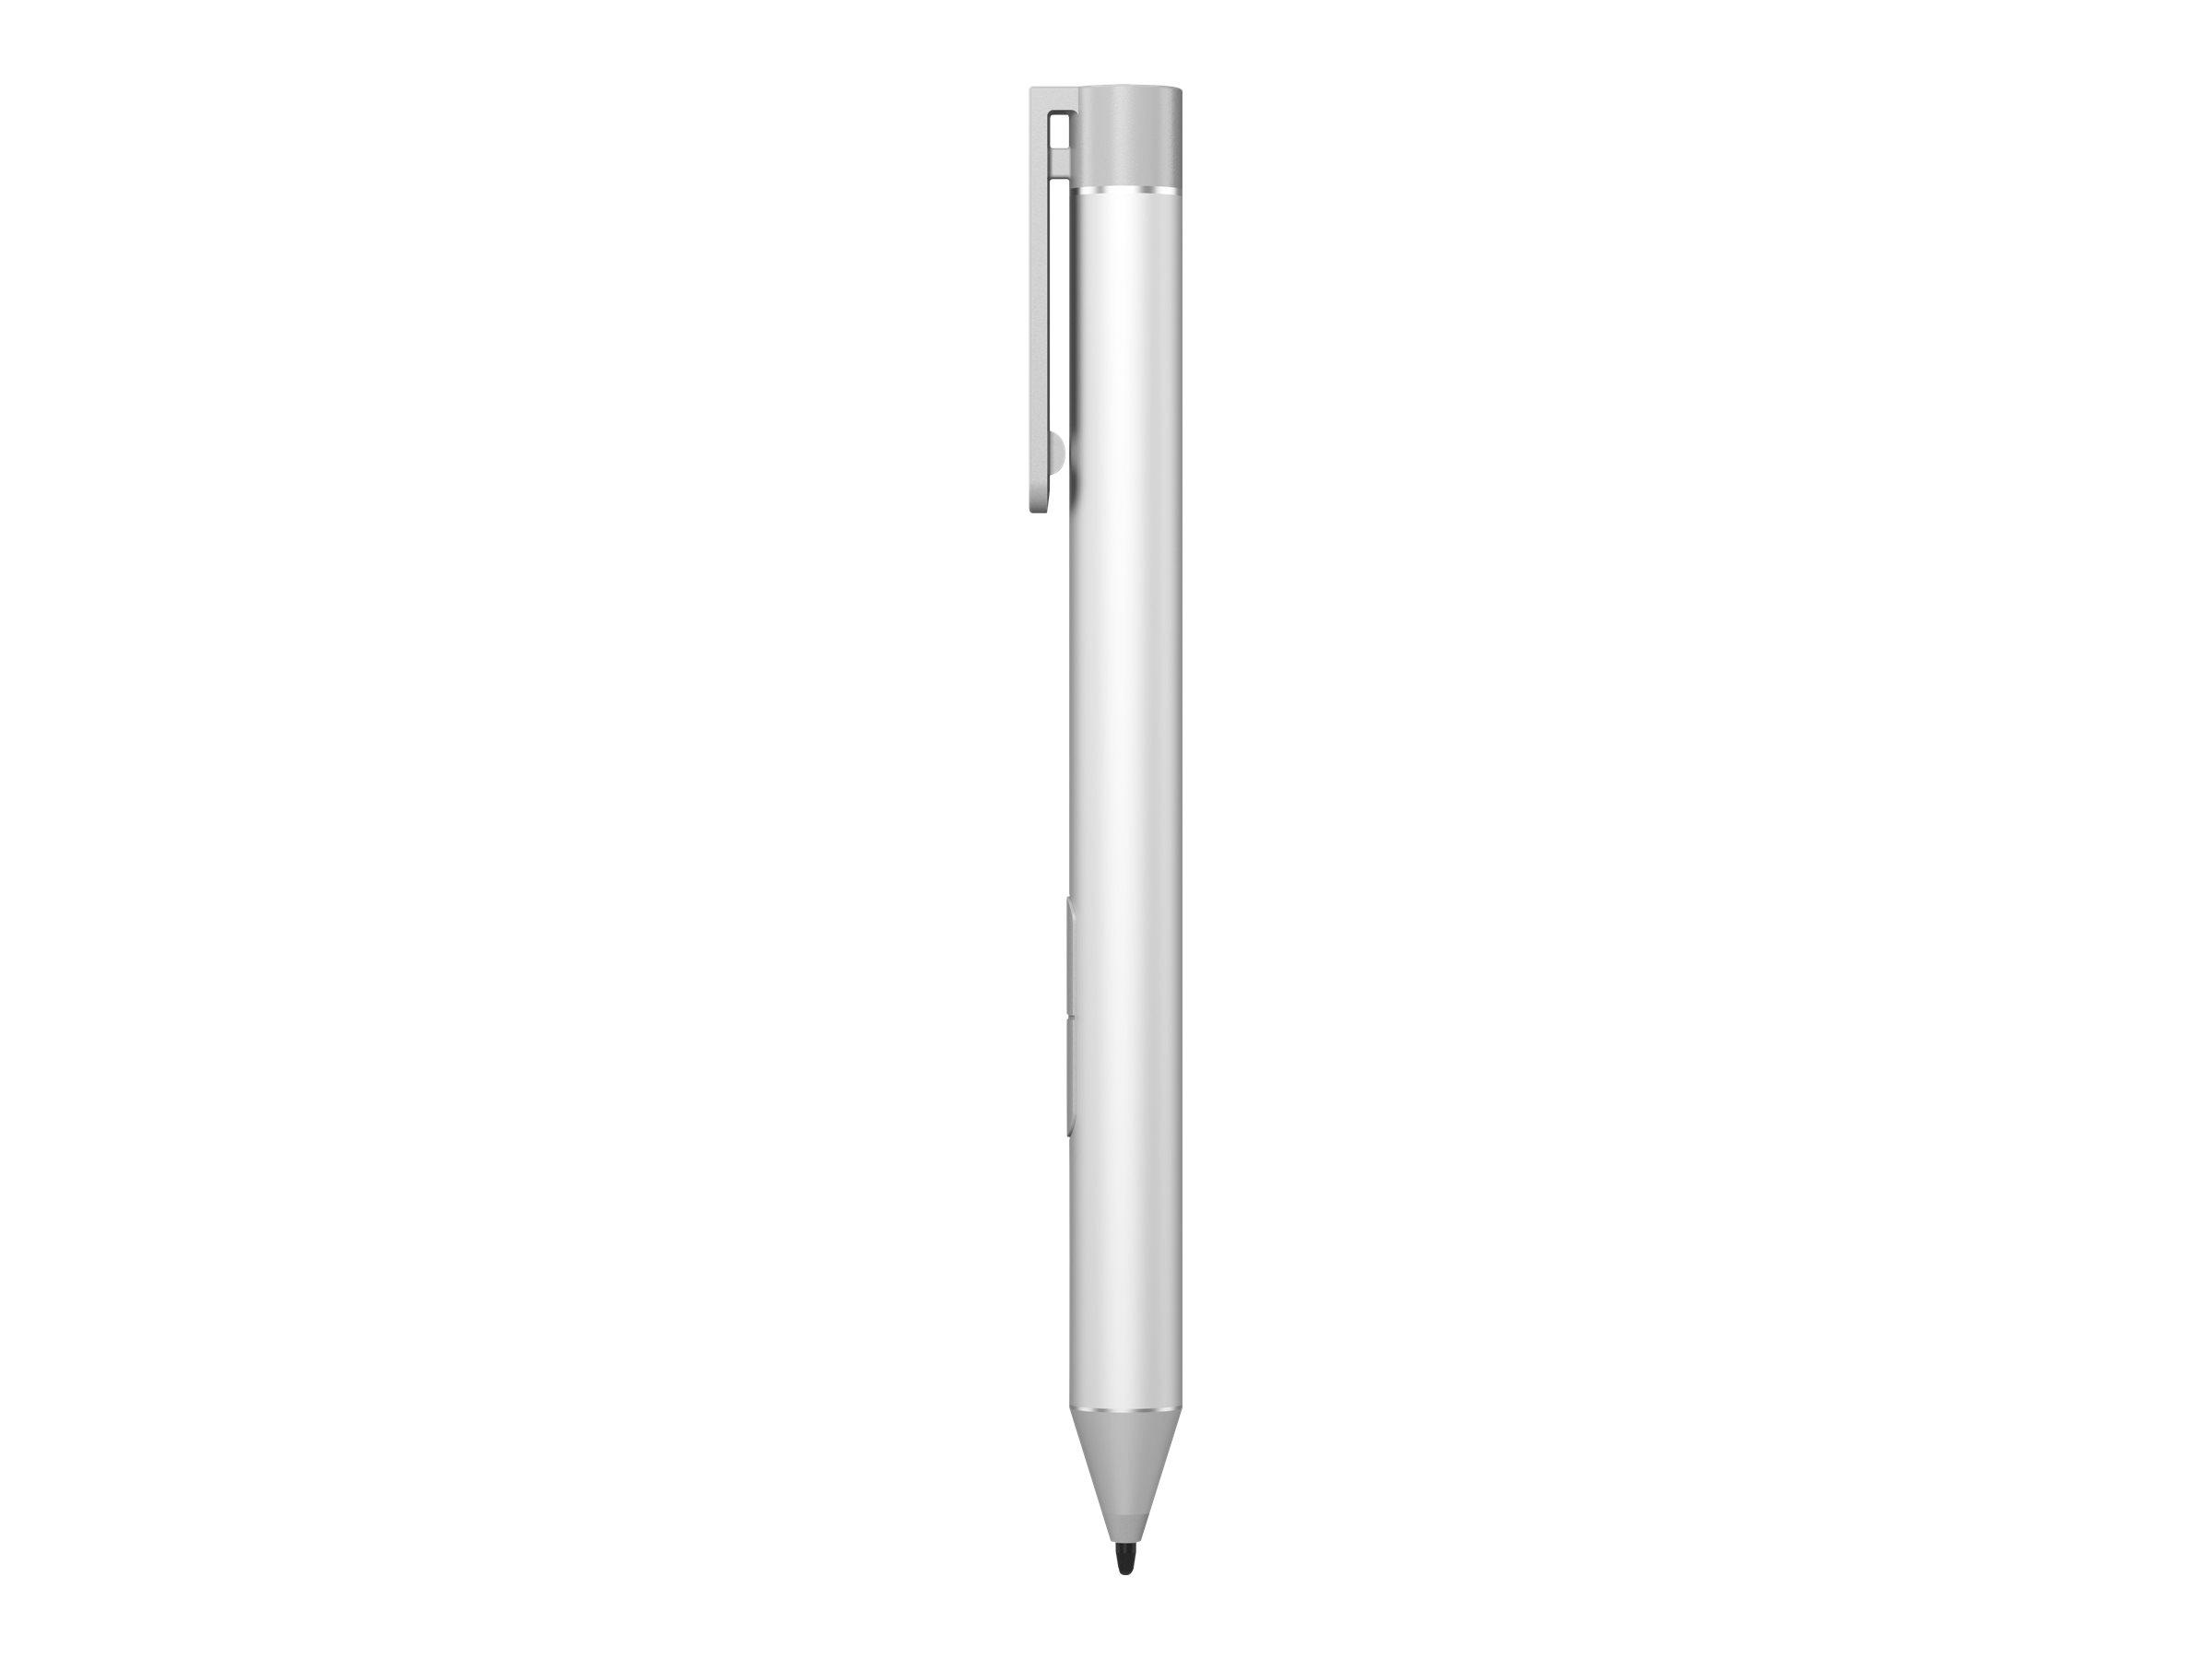 HP Active Pen - Digitaler Stift - 2 Tasten - Silver Nature - für HP 240 G6; Elite x2; EliteBook 1040 G4; EliteBook x360; Pro x2;